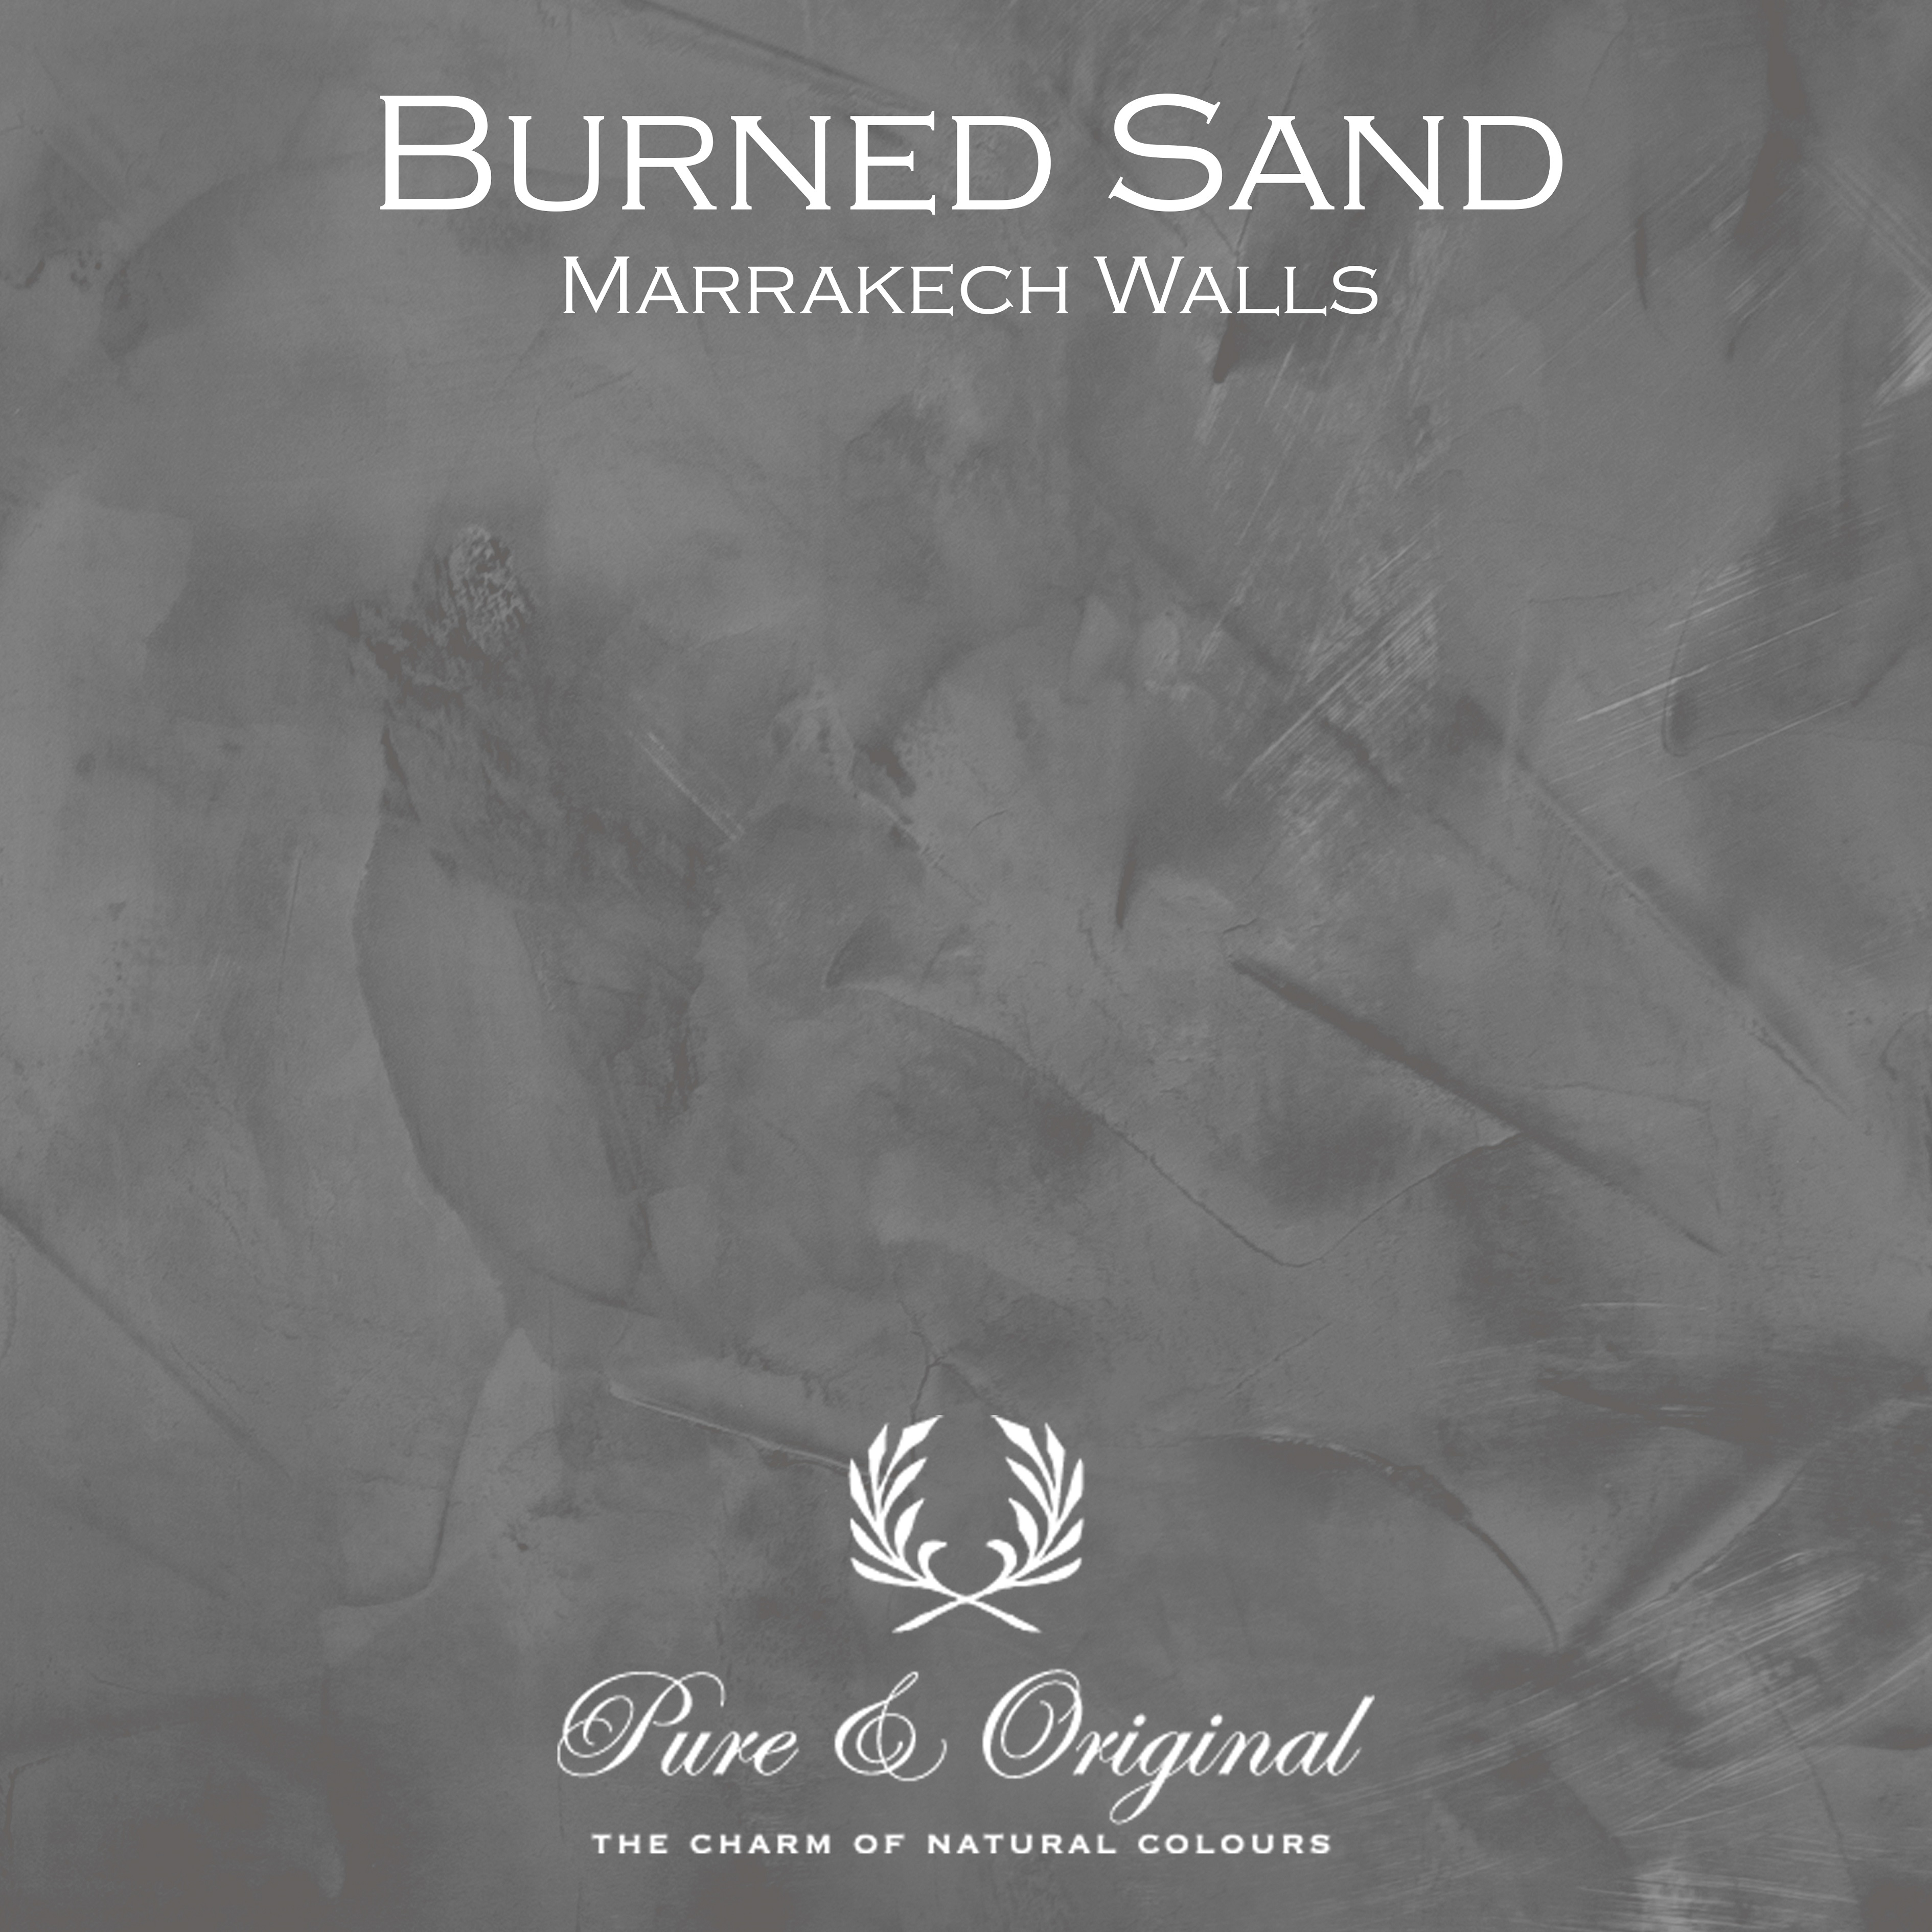 Kulör Burned Sand, Marrakech Walls kalkfärg